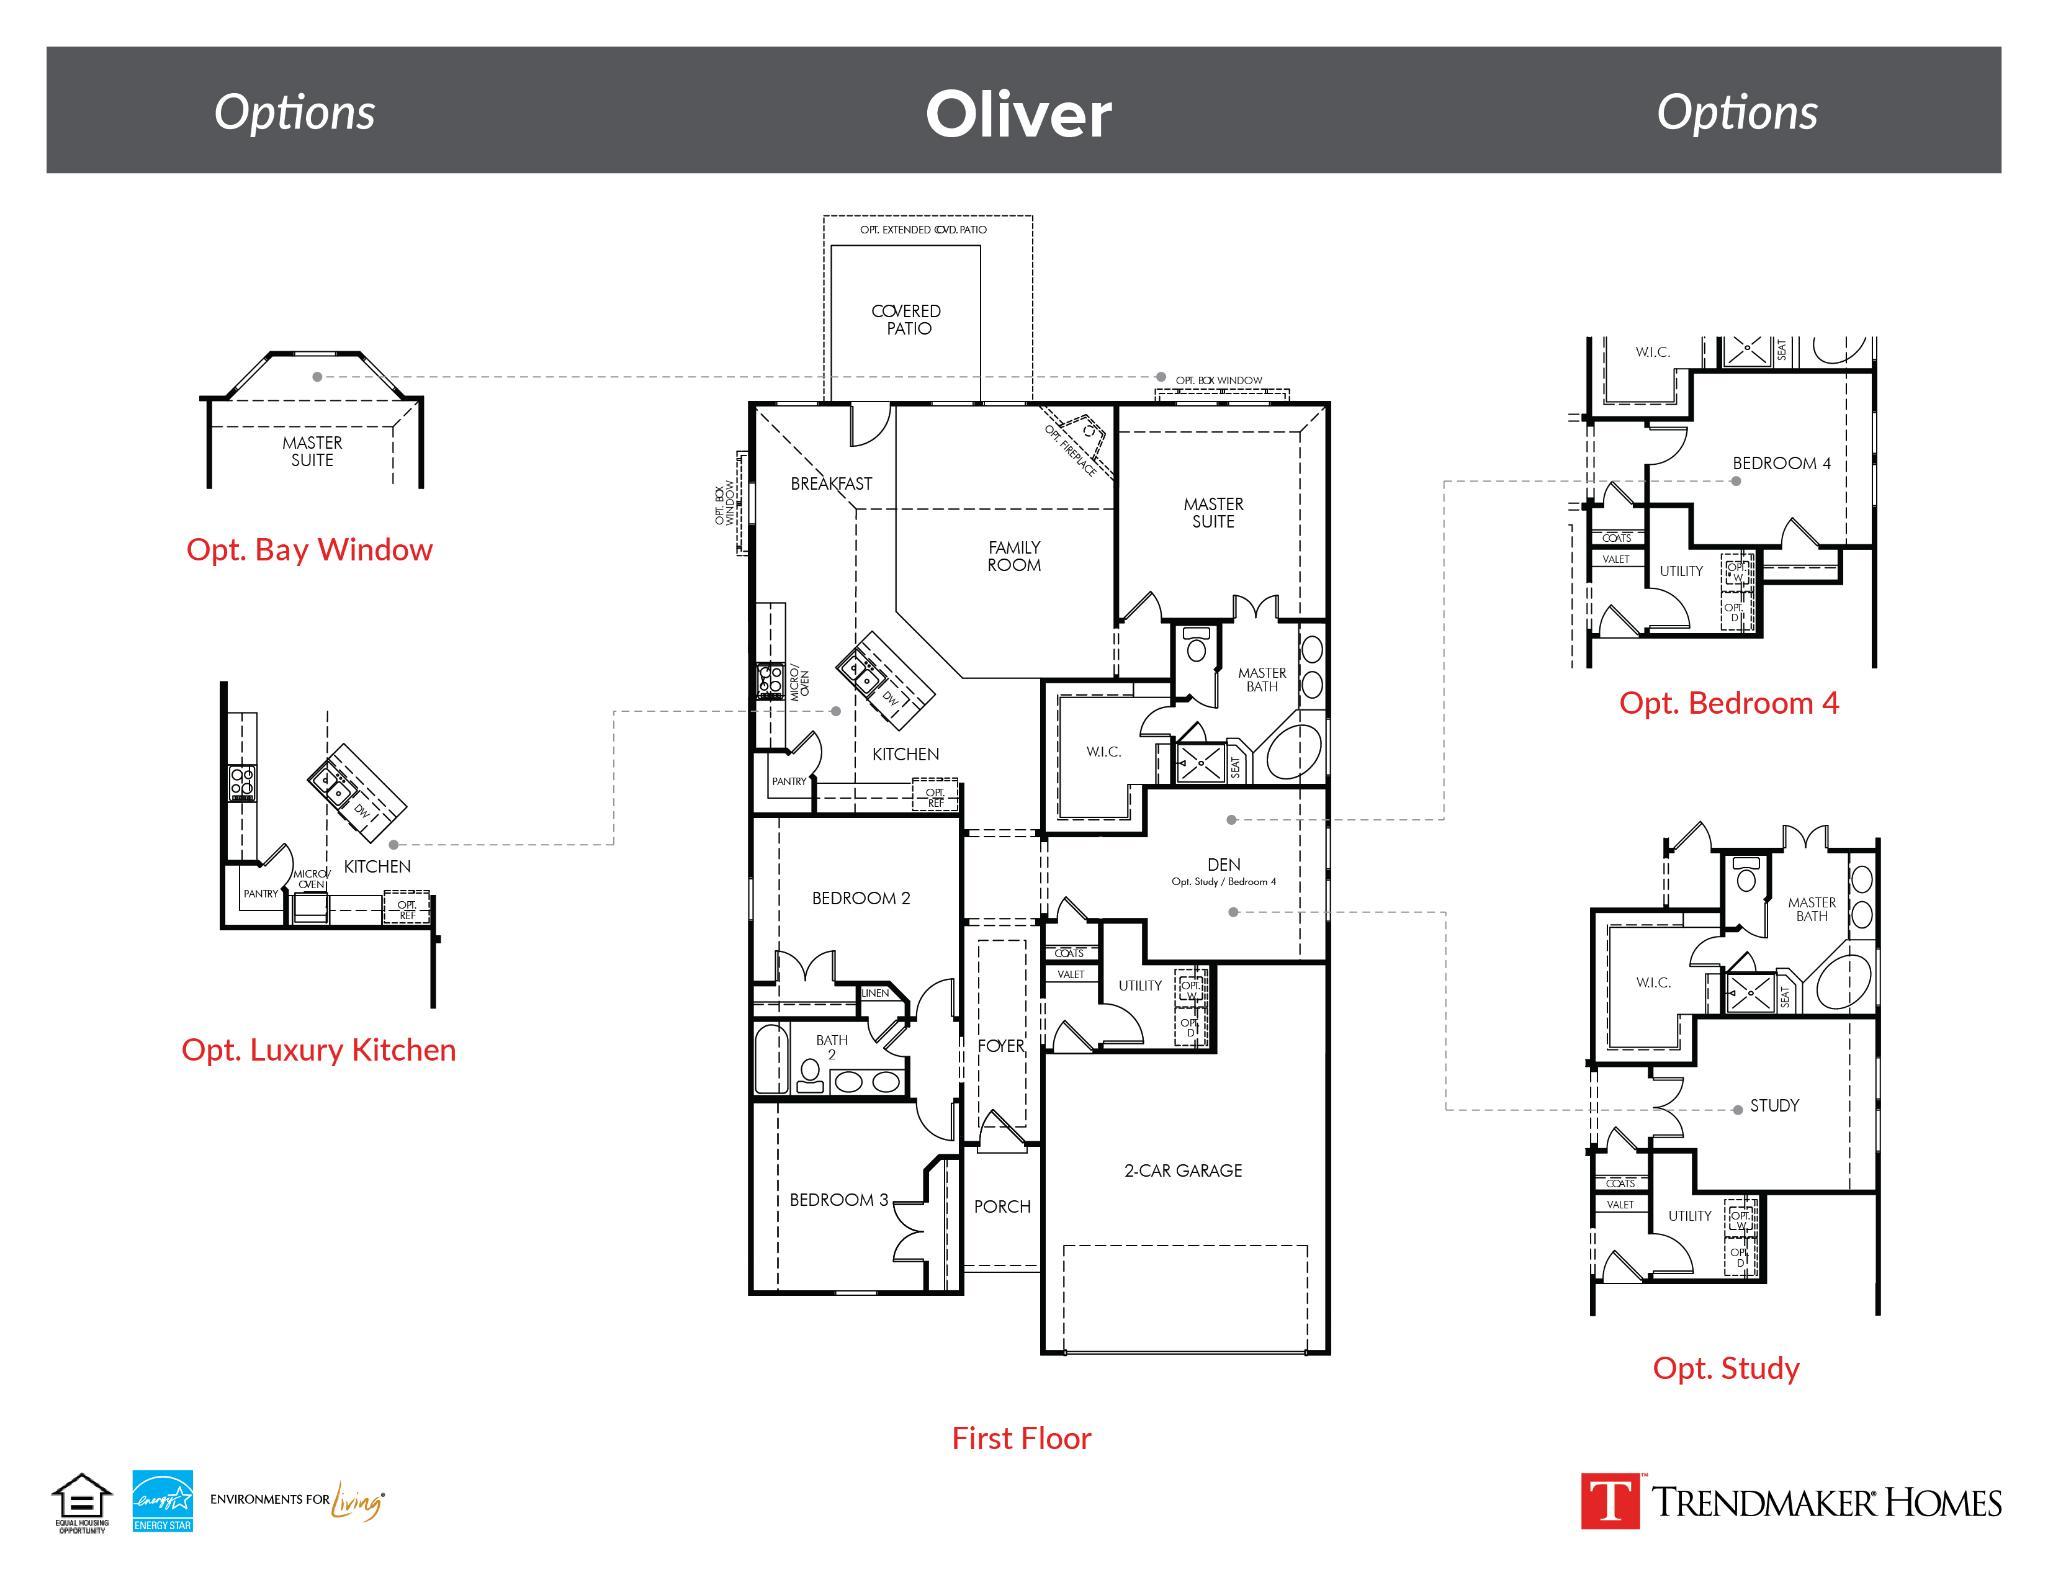 Oliver - Villages of Carmel